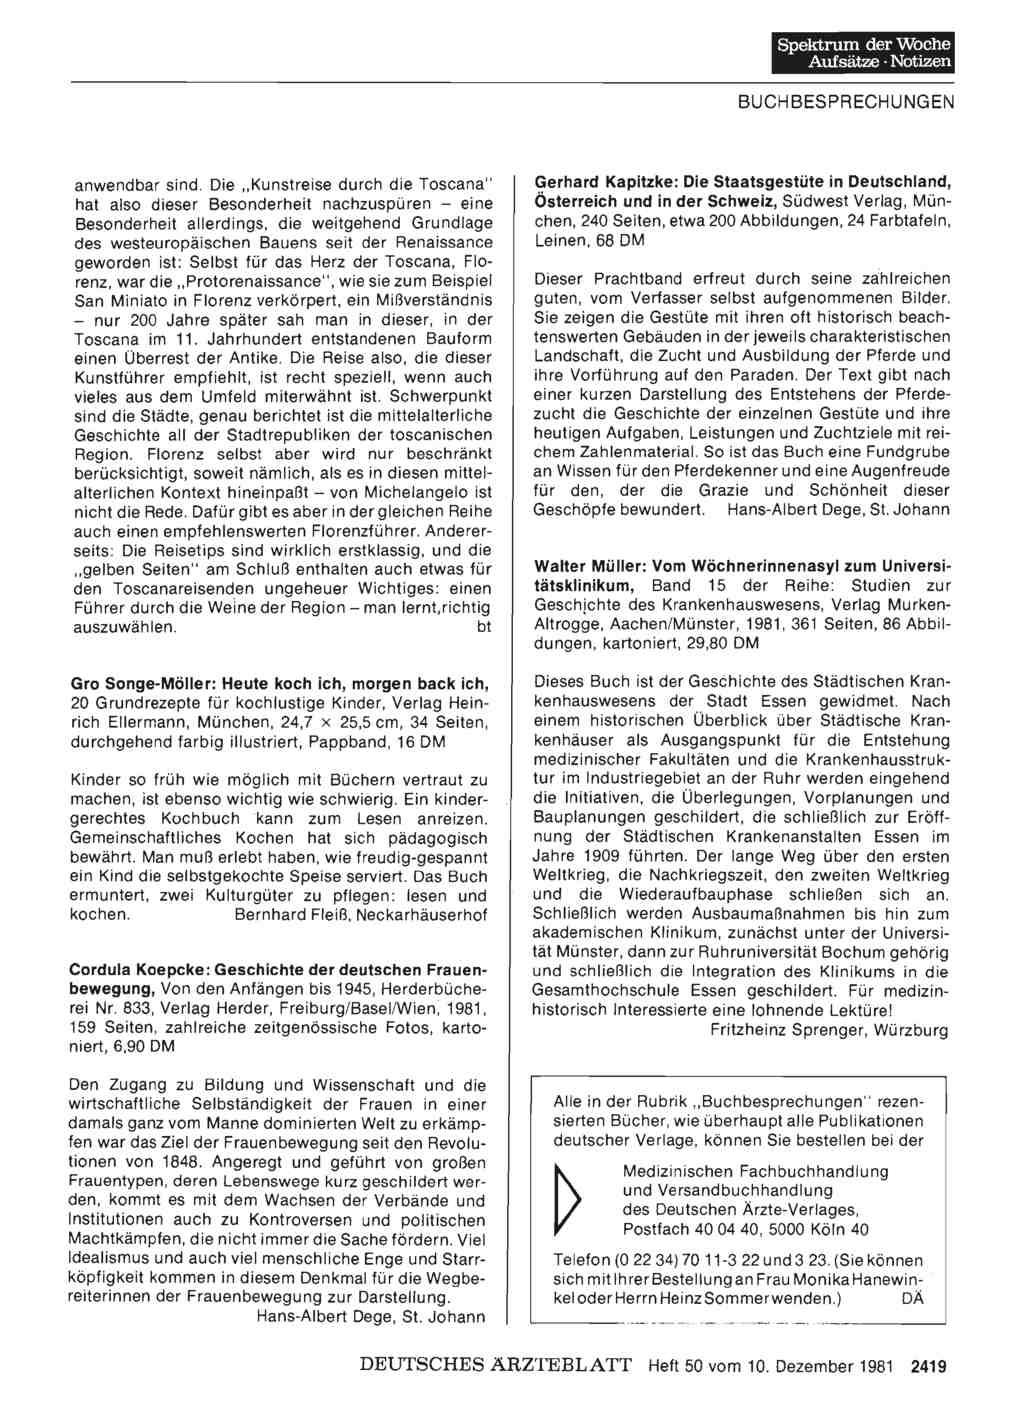 Gerhard kapitzke die staatsgest te in deutschland for Medizin studieren schweiz